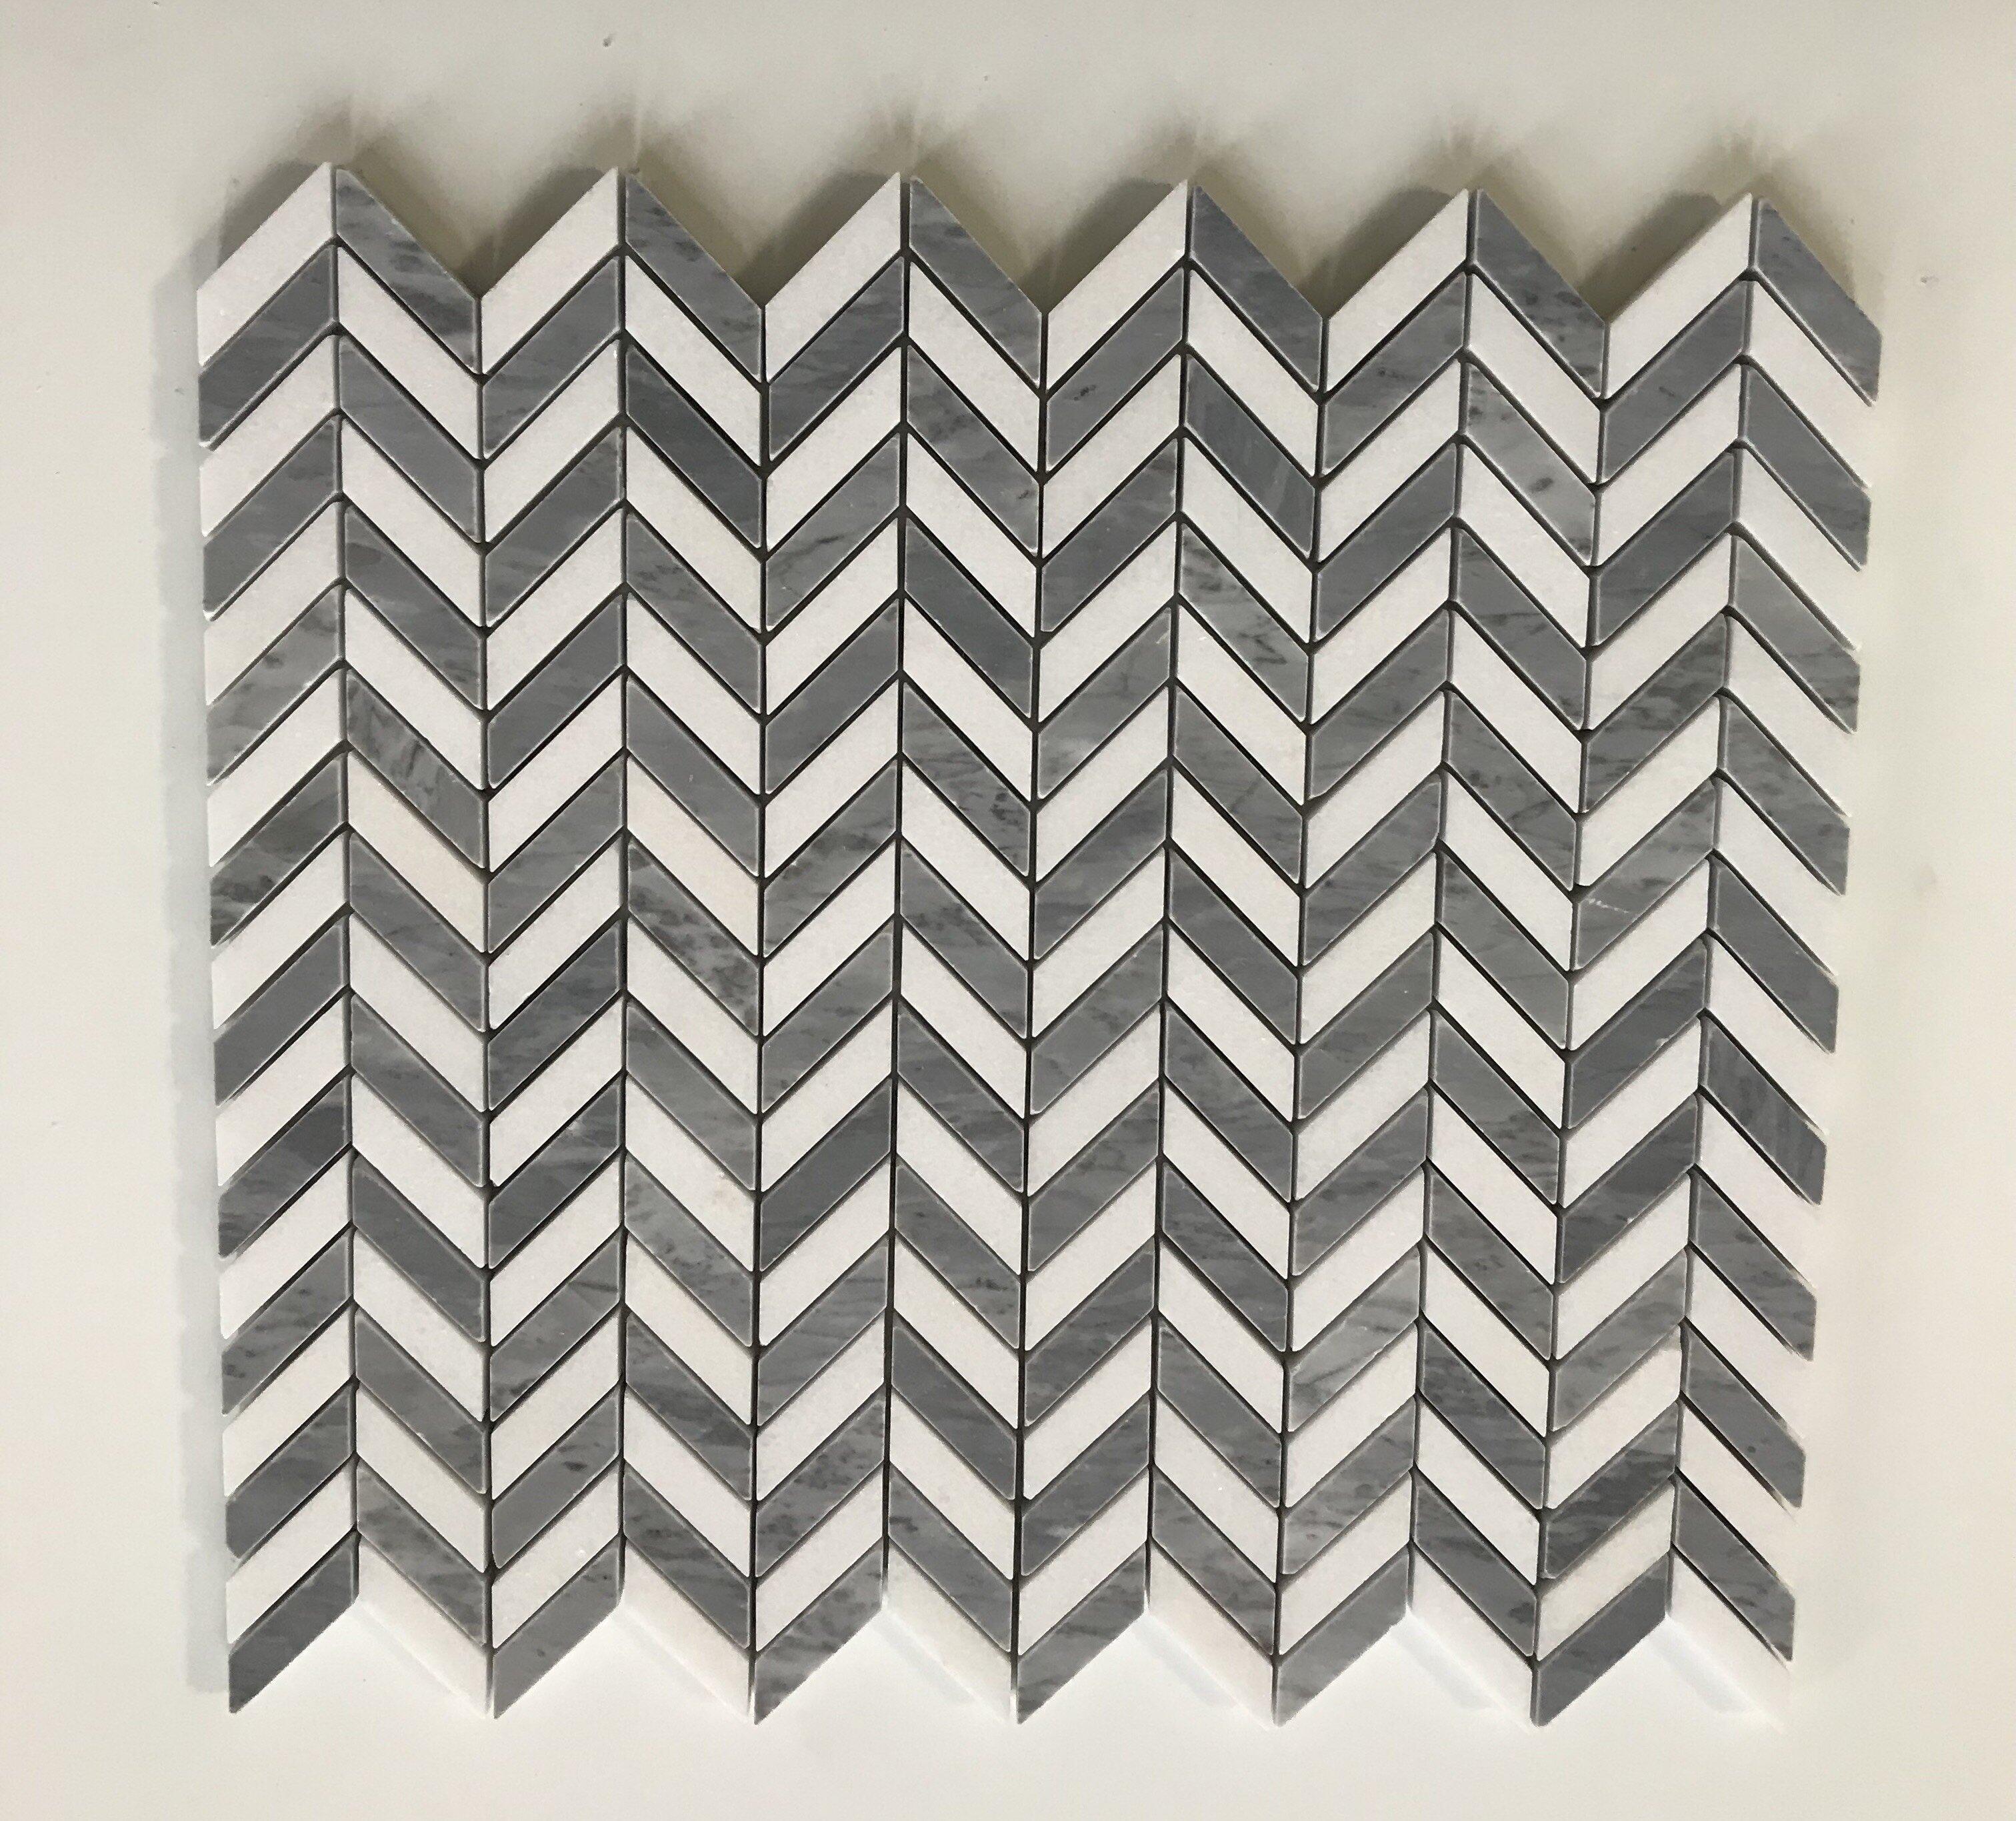 Thos Mini Chevron 0 38 X 1 Marble Mosaic Tile